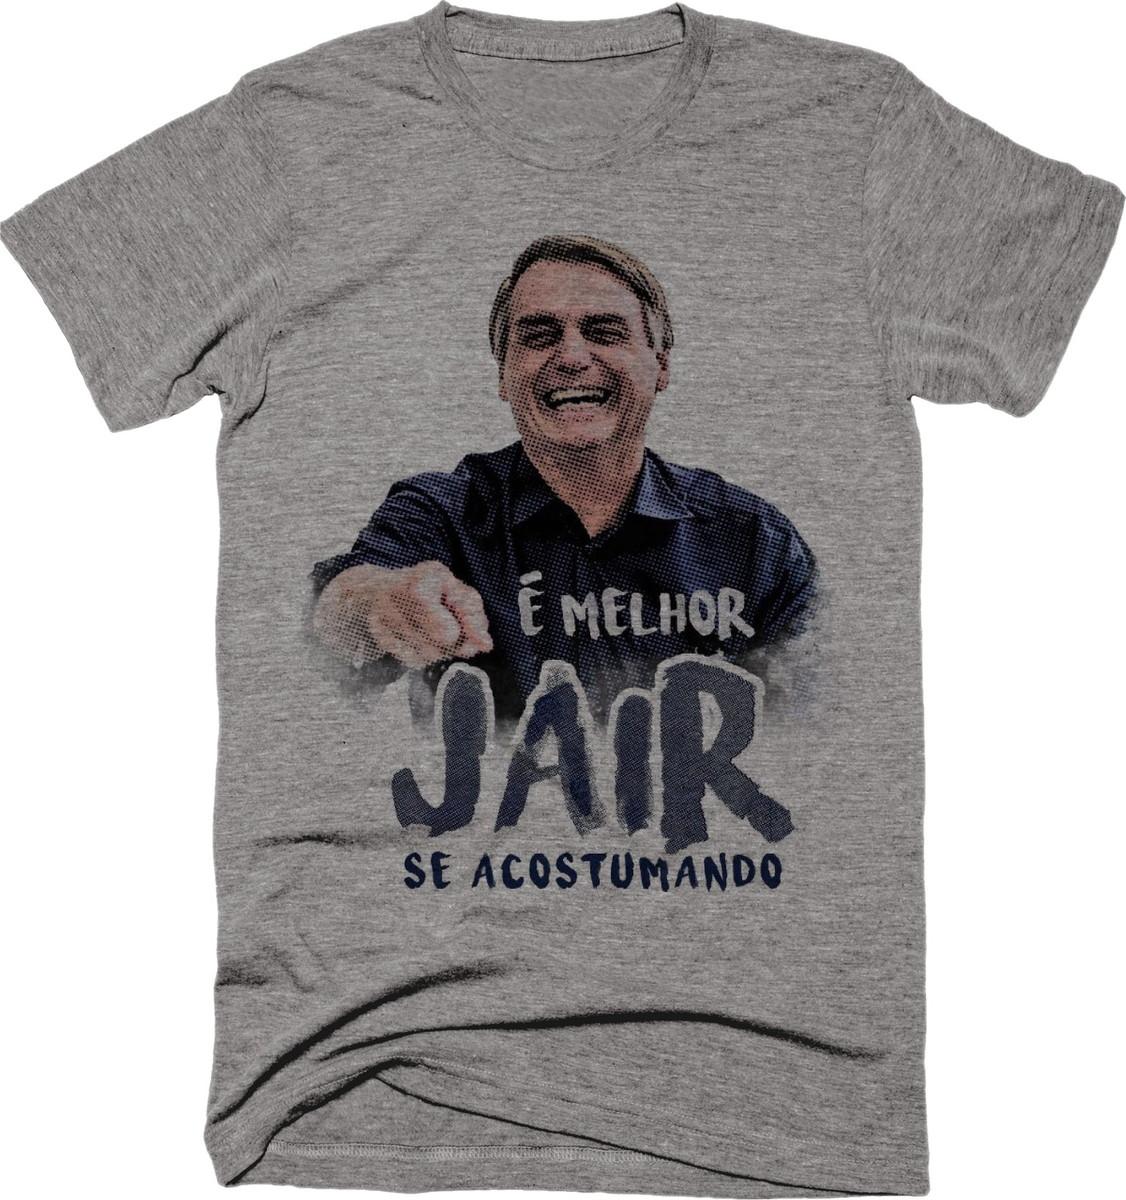 9f6c0f7c7b Camiseta Jair Bolsonaro É Melhor Jair se Acostumando Cinza no Elo7 ...